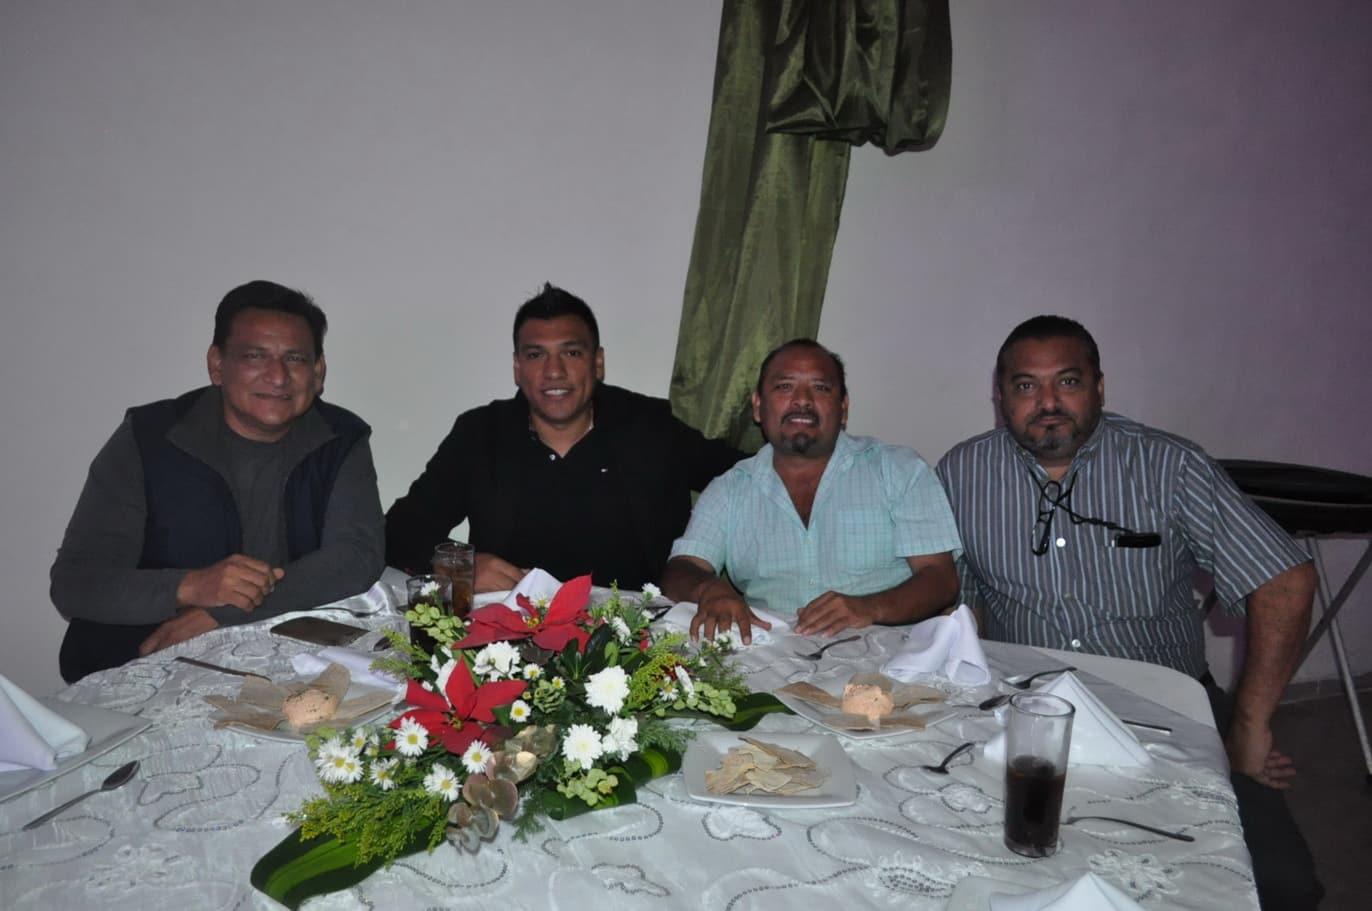 Hernán Pastrana, Jorge Arguelles, Ramon Cabrera y Roberto Cetina.